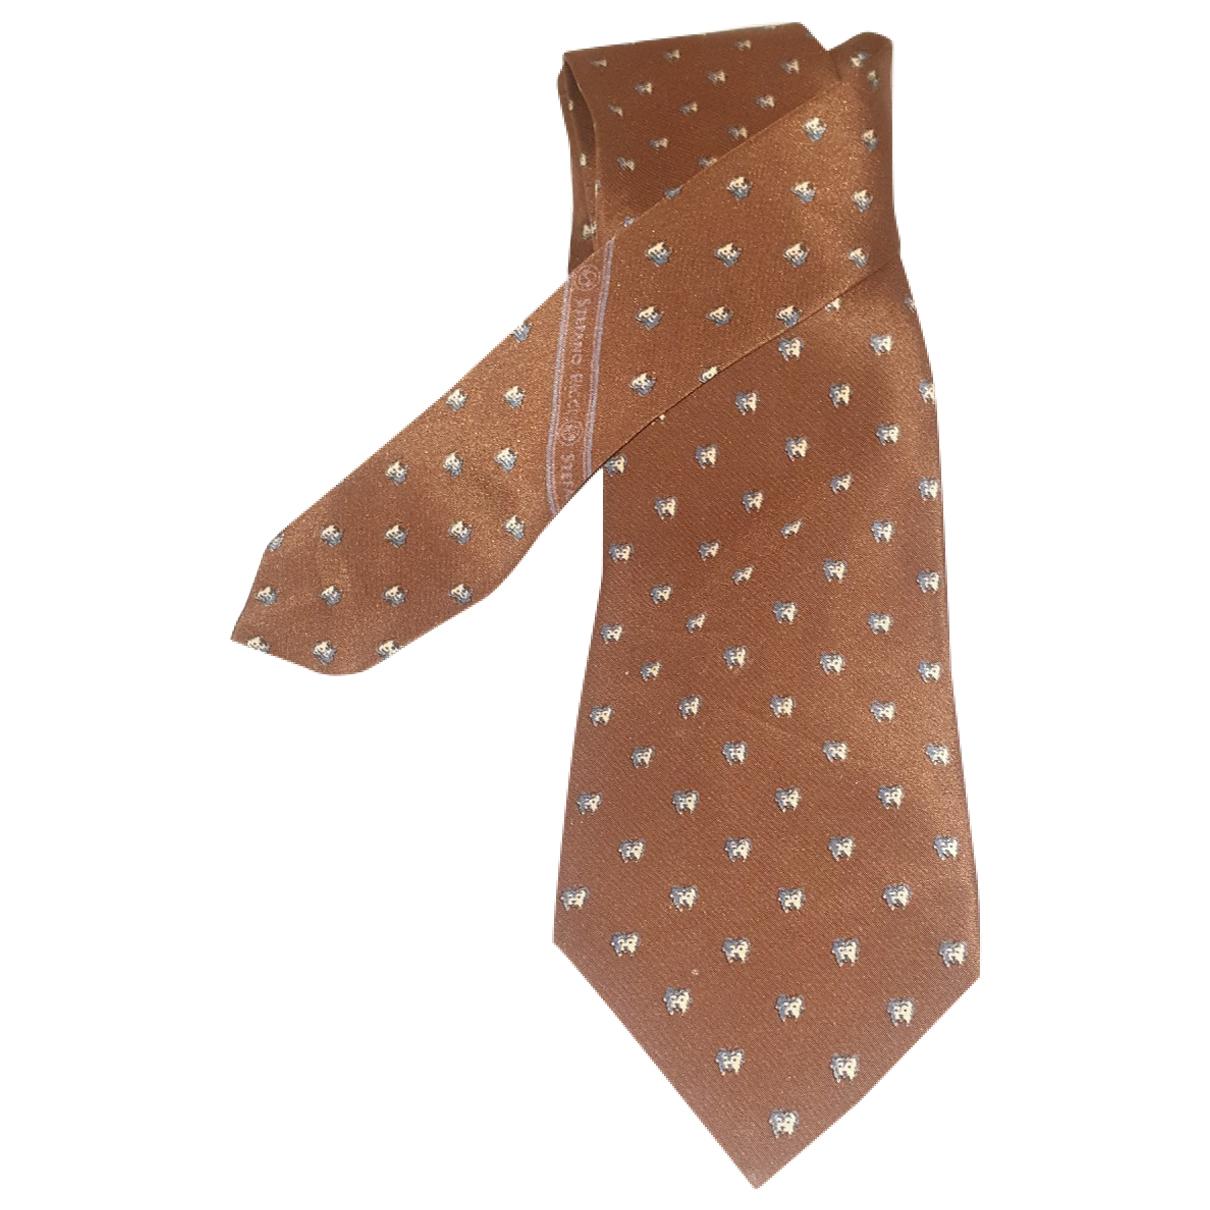 Stefano Ricci - Cravates   pour homme en soie - marron